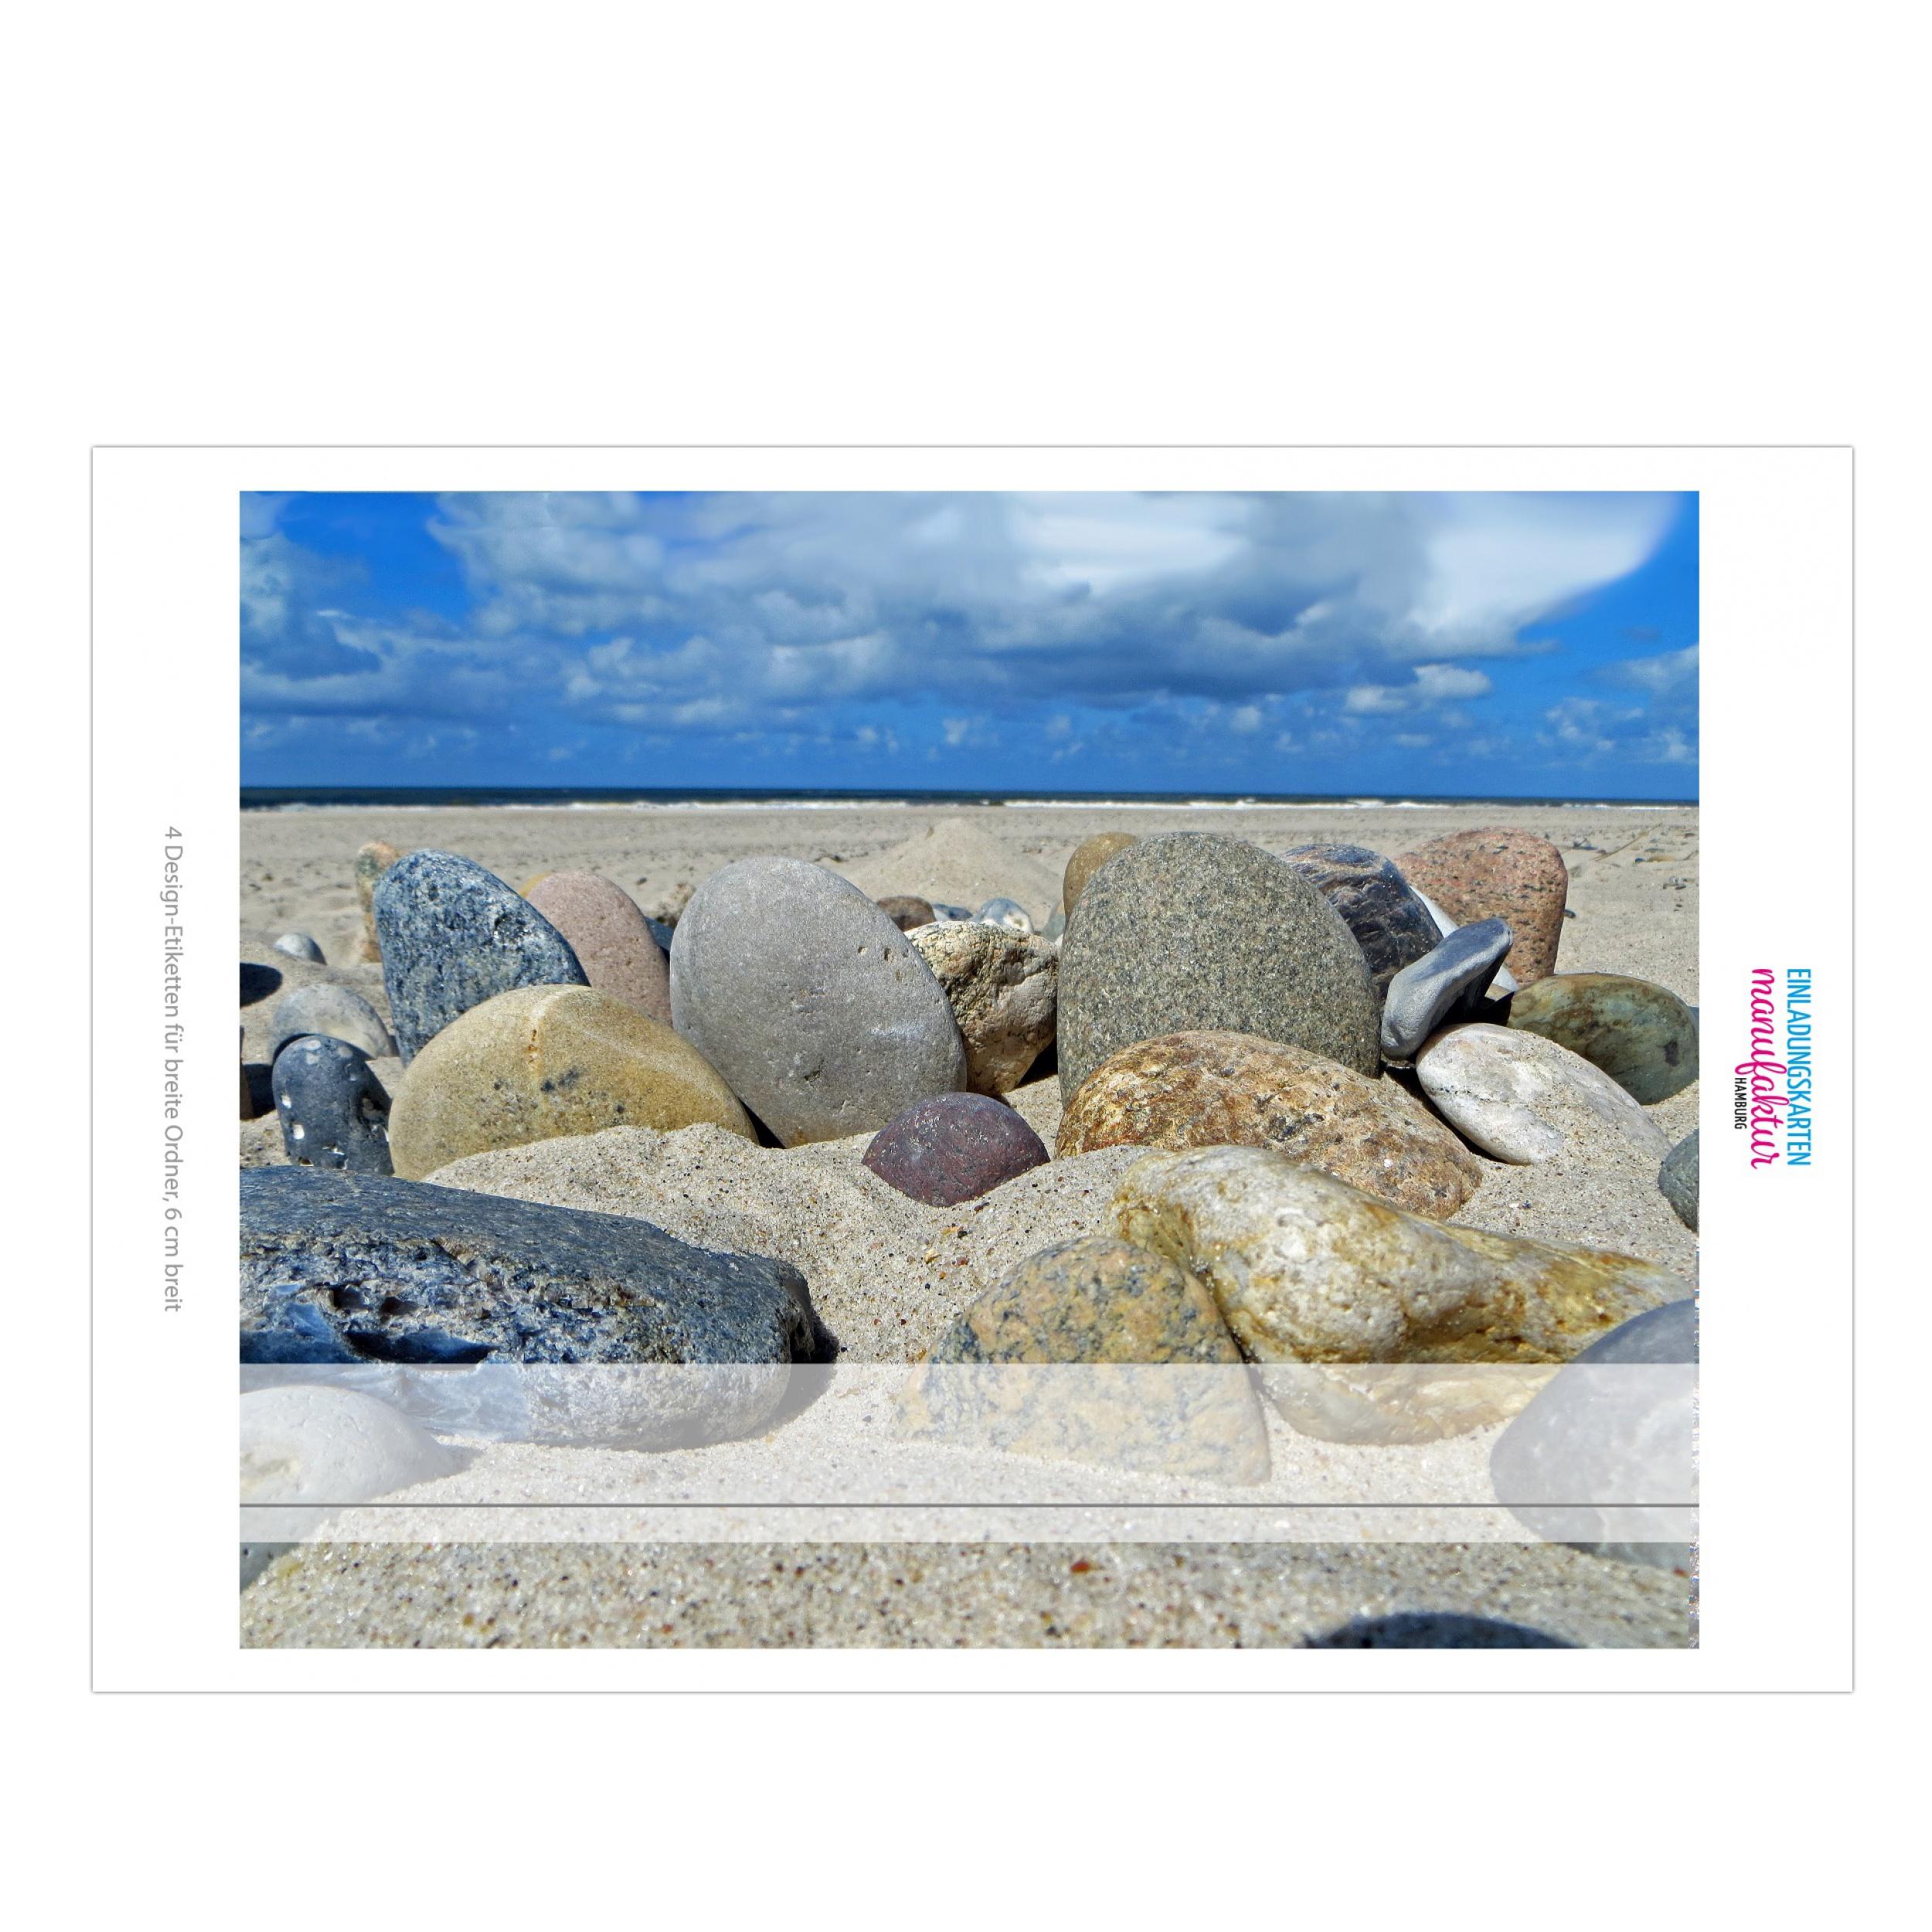 6cm breit 4 x Akten-Ordner Etiketten//Aufkleber//R/ücken Sticker//Foto Design Steine am Strand//f/ür breite Ordner//selbstklebend